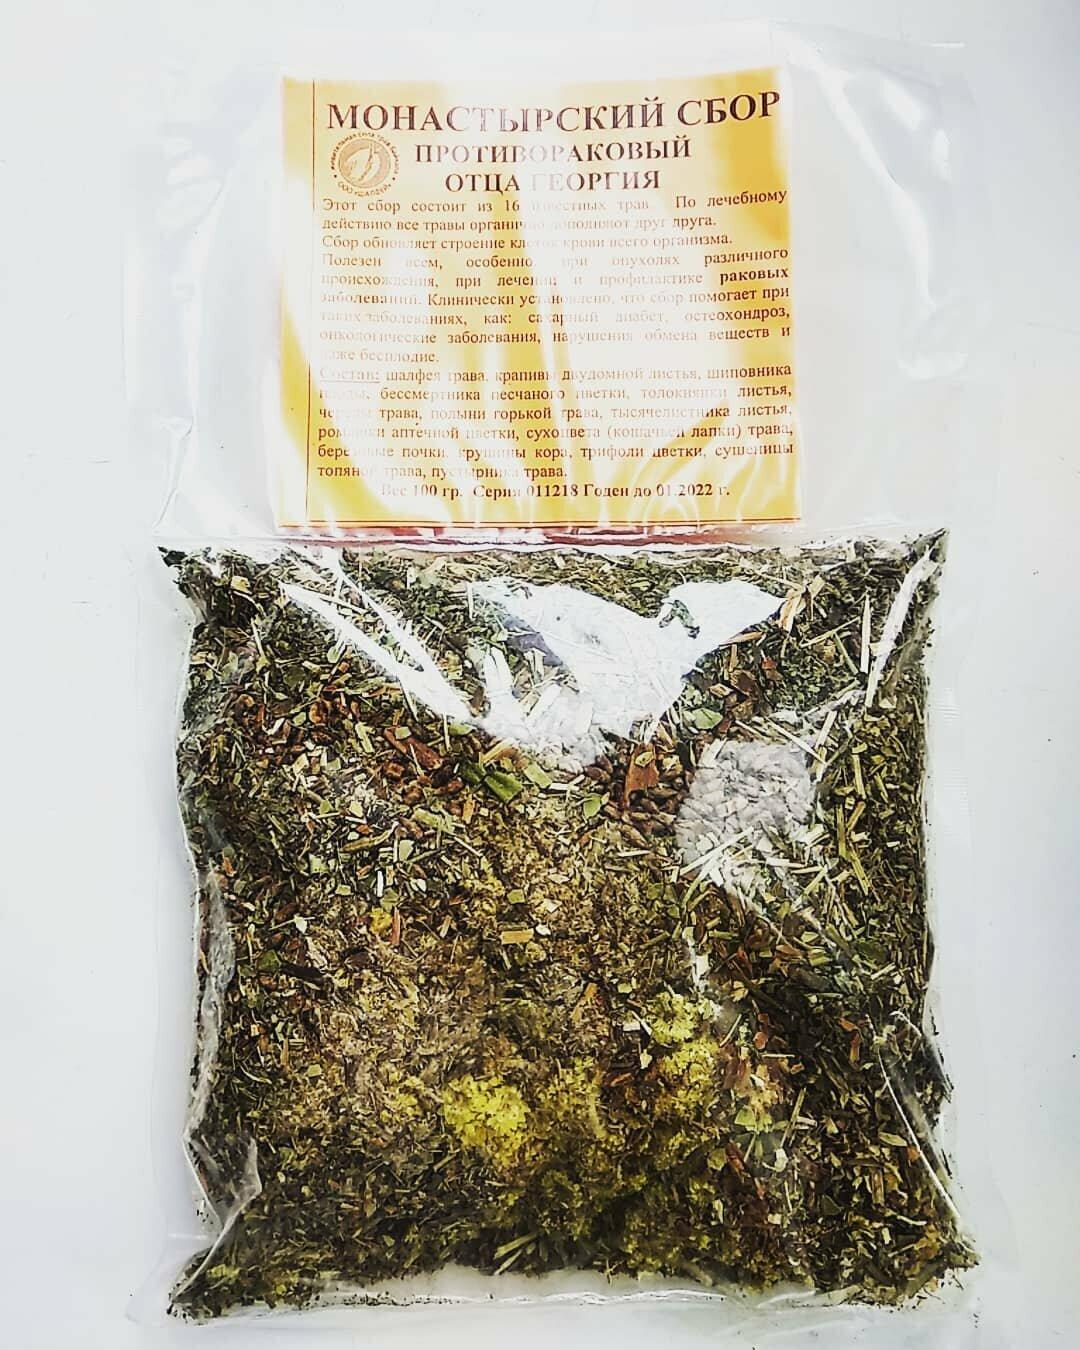 Монастырский чай от молочницы в Новочеркасске